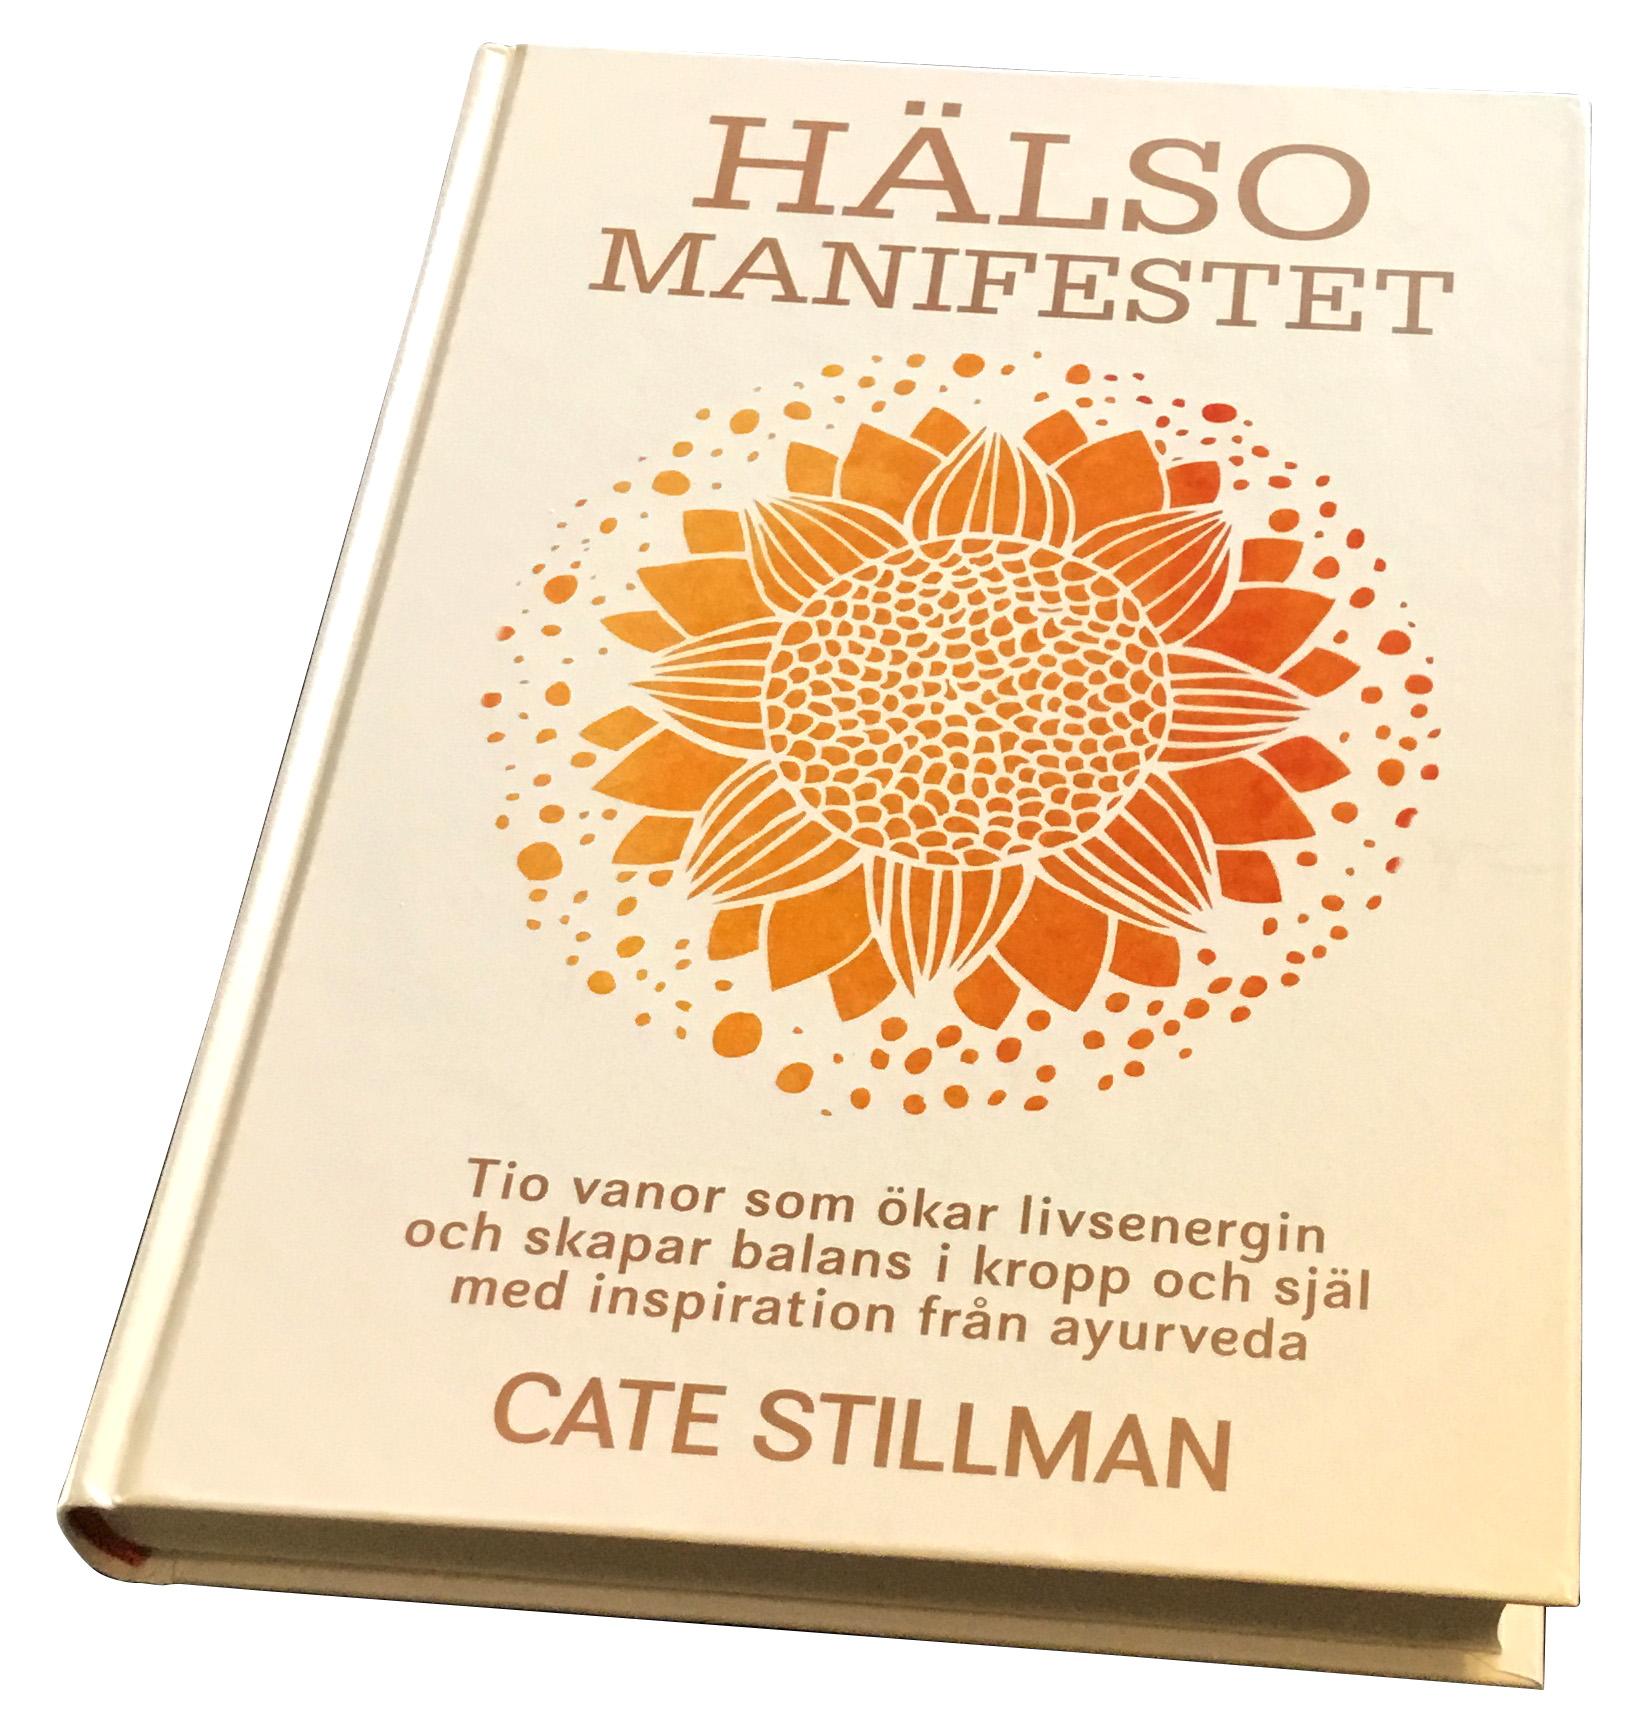 Hälsomanifestet/Kate Stillman